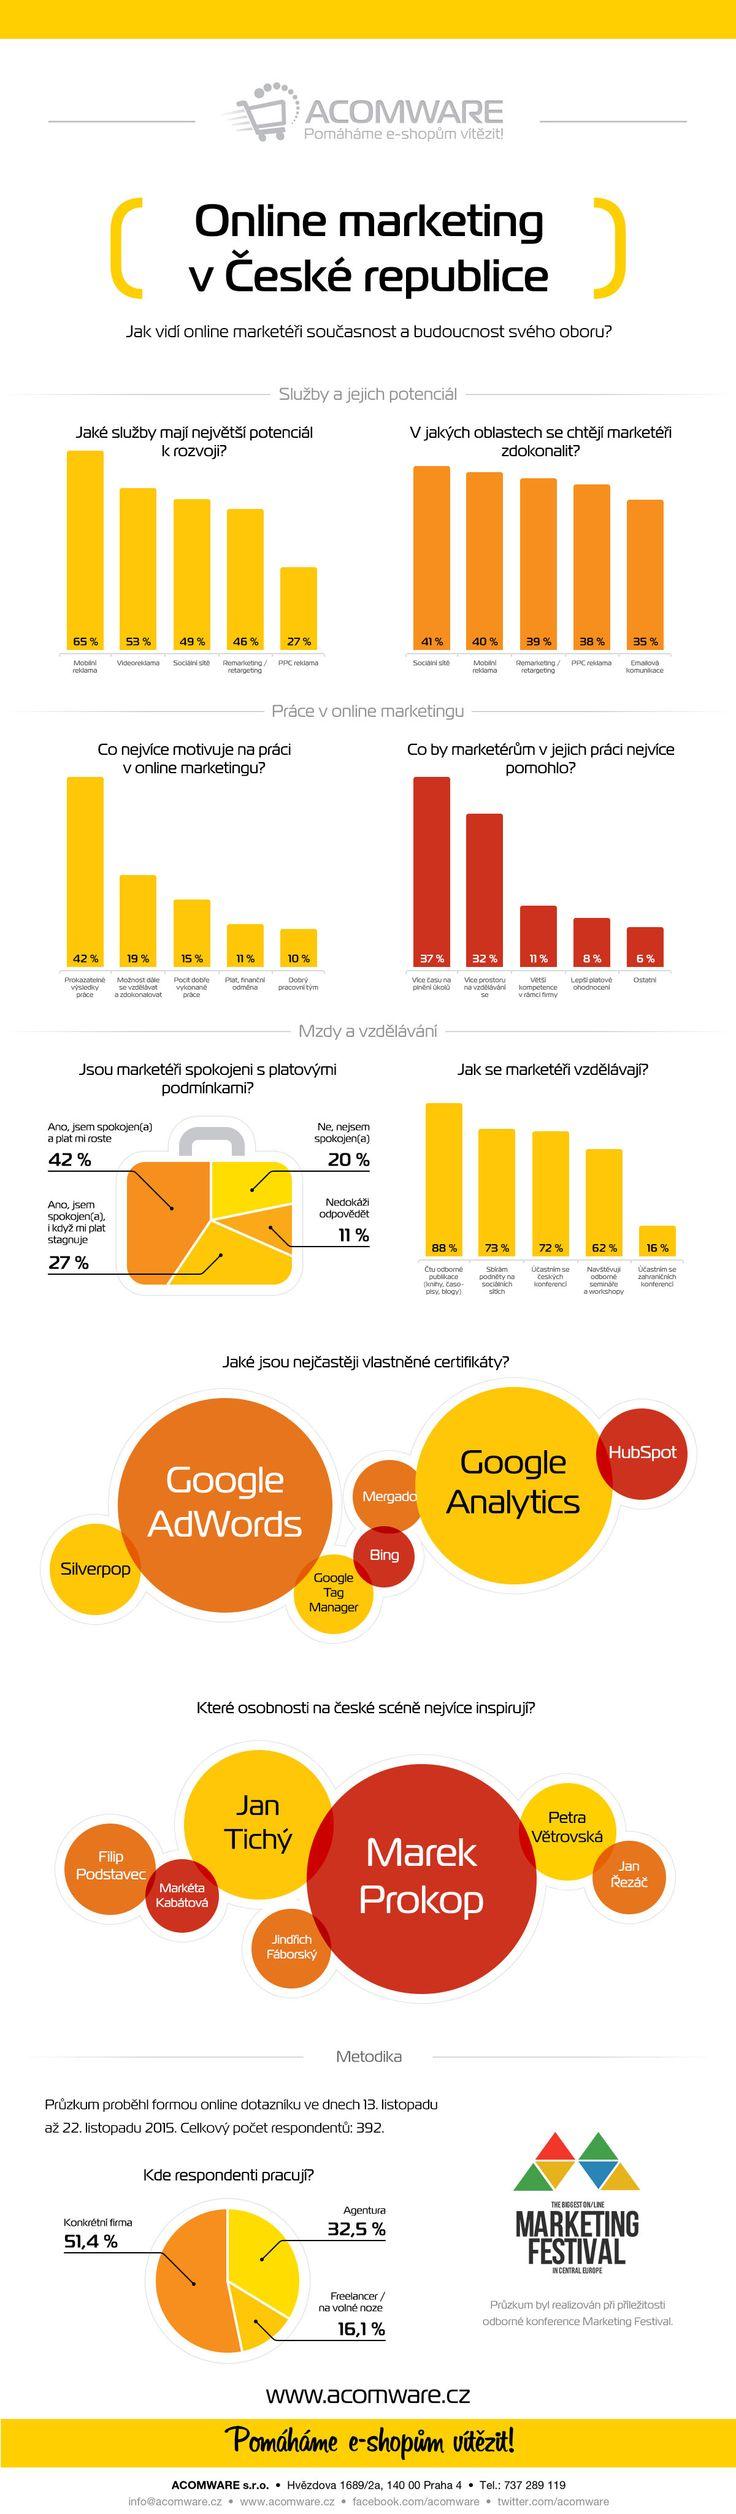 """<p>Největší rozvoj čeká tuzemský trh v oblasti mobilní reklamy. """"Myslí si to zhruba 65 % dotázaných. Přes 50 % se dále shoduje, že velký vzestup čeká video reklamu nebo sociální sítě,"""" vysvětluje Ondřej Klega ze společnosti ACOMWARE</p>"""